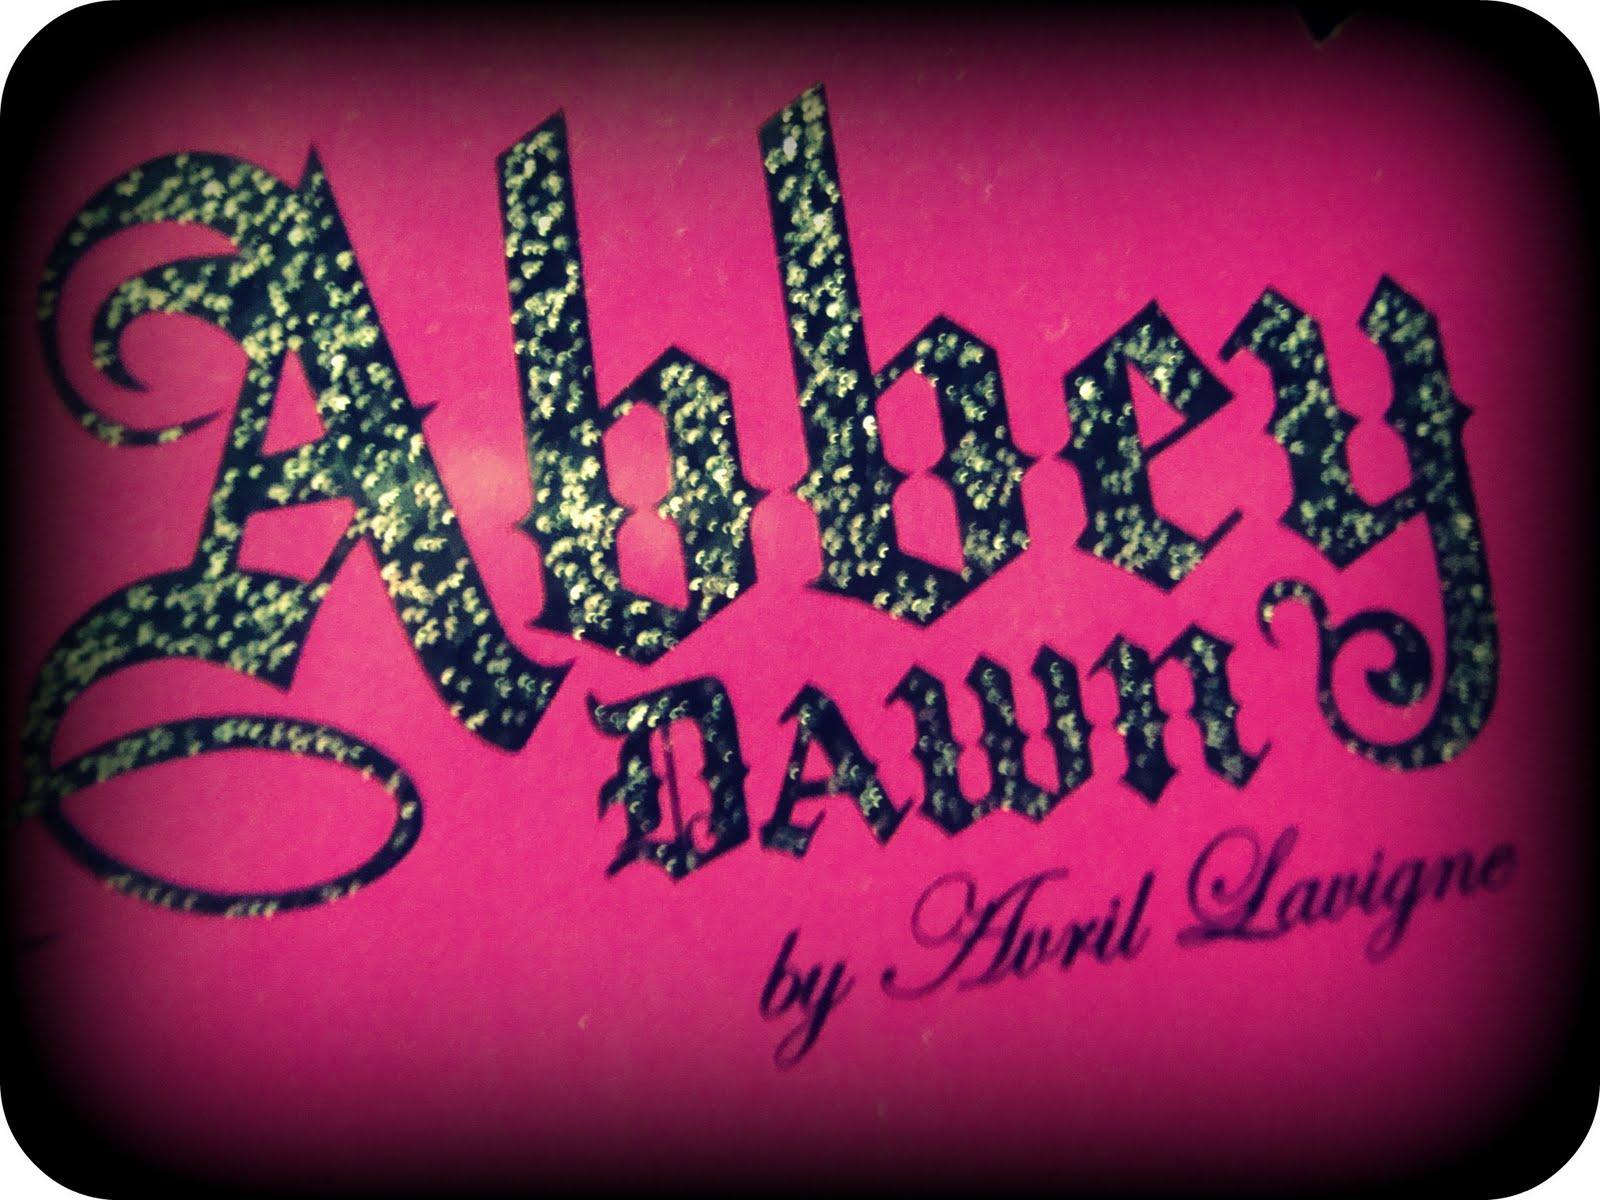 http://1.bp.blogspot.com/-zWQplt_v_9o/TYBRVwivjgI/AAAAAAAAEso/KIkmLNwLLKM/s1600/Abbey%2Bdawn.jpg